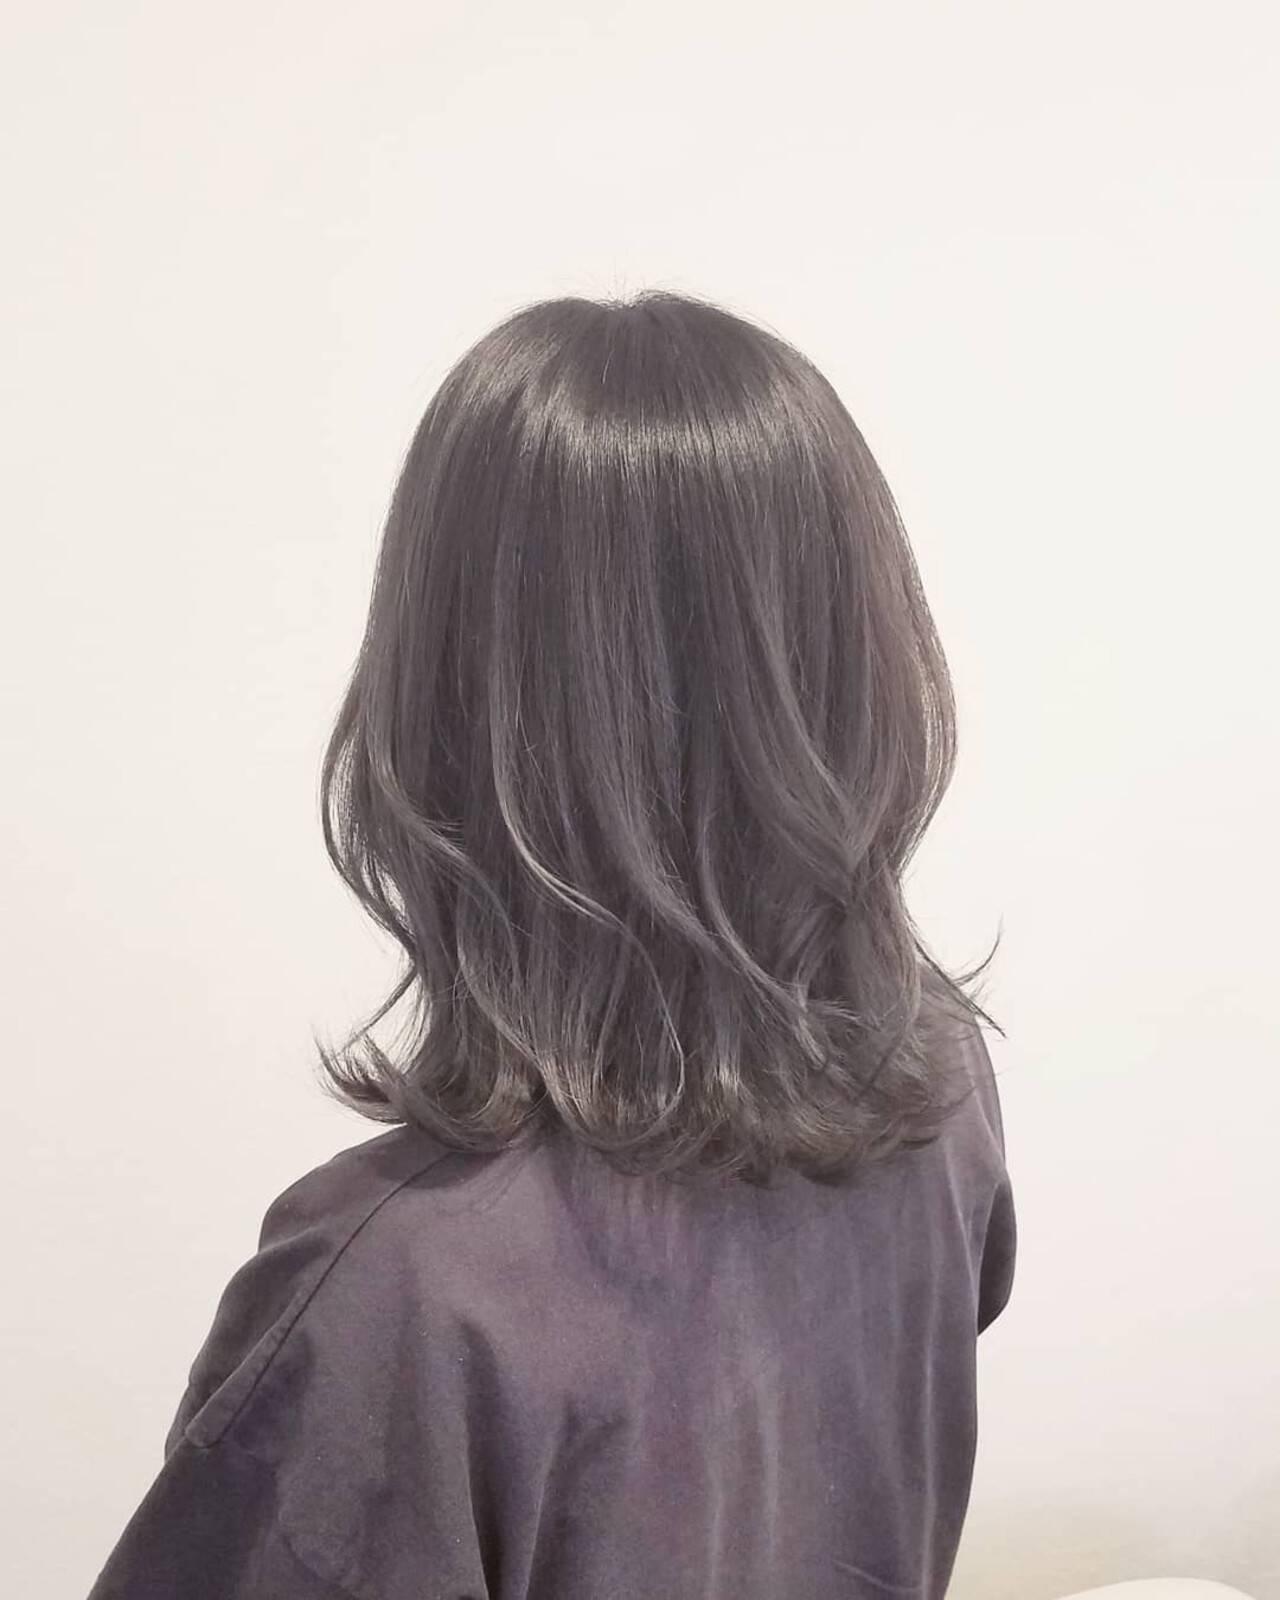 ナチュラル グレージュ 外国人風カラー アッシュヘアスタイルや髪型の写真・画像